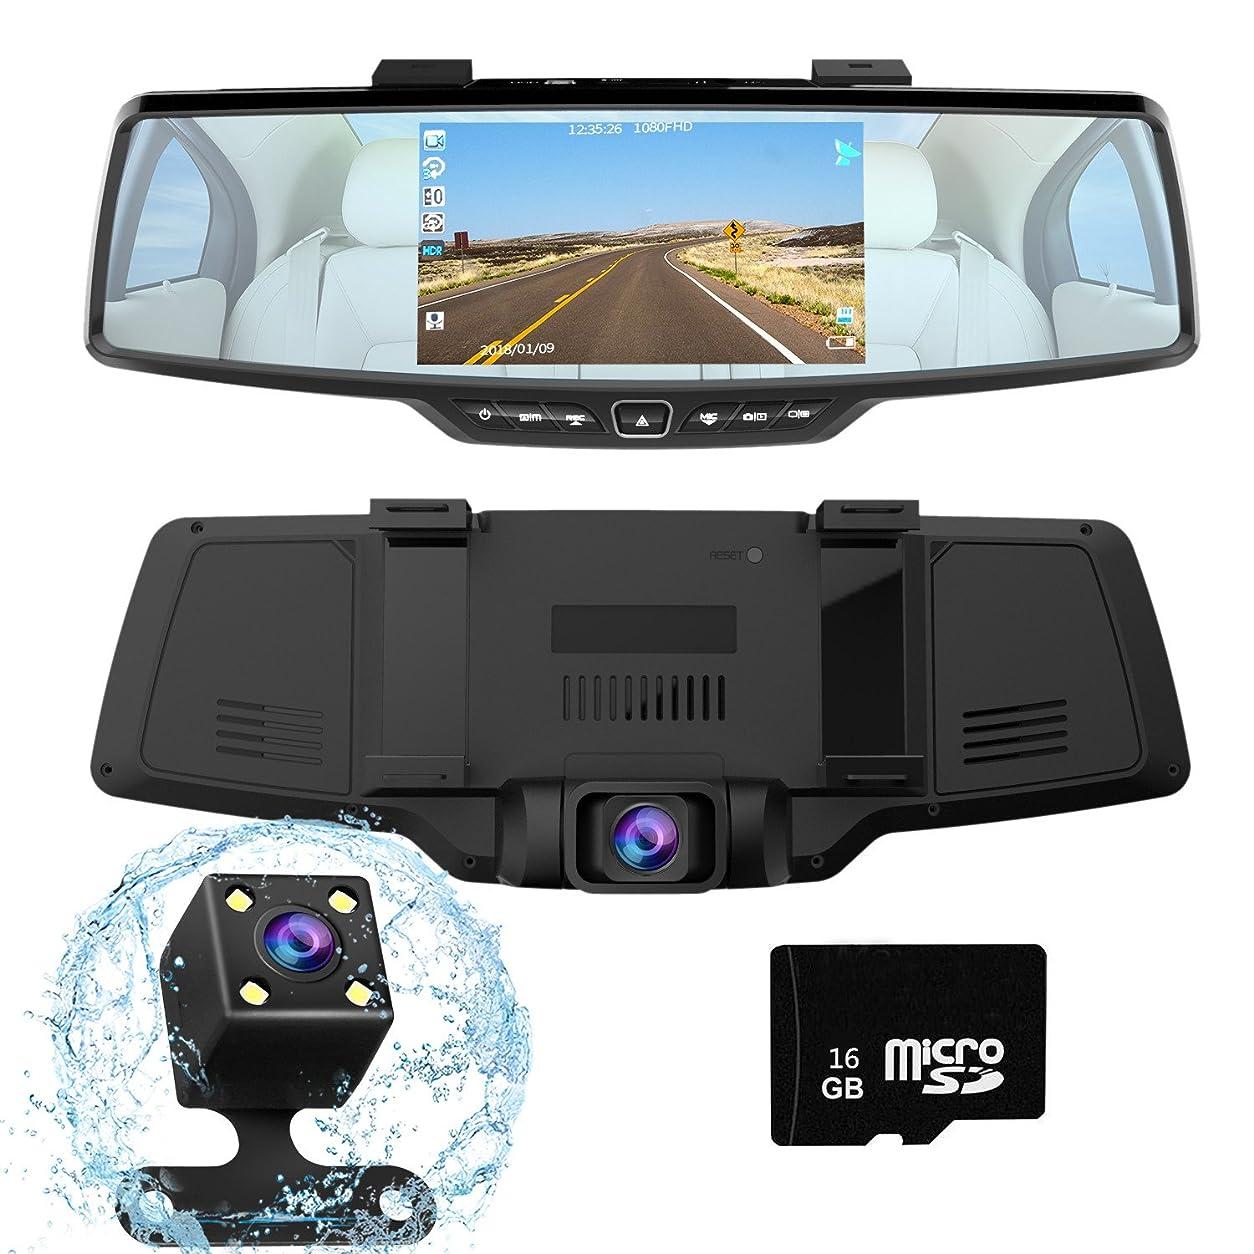 政令振るうぬいぐるみYOKOO ドライブレコーダー 前後カメラ バックミラー型 gps機能搭載 16G Micro SDカード付属 暗視カメラ ミラーモニター リアカメラ 防水 バックカメラ Sony323 170度広角レンズ 5.0インチ 駐車監視 常時録画